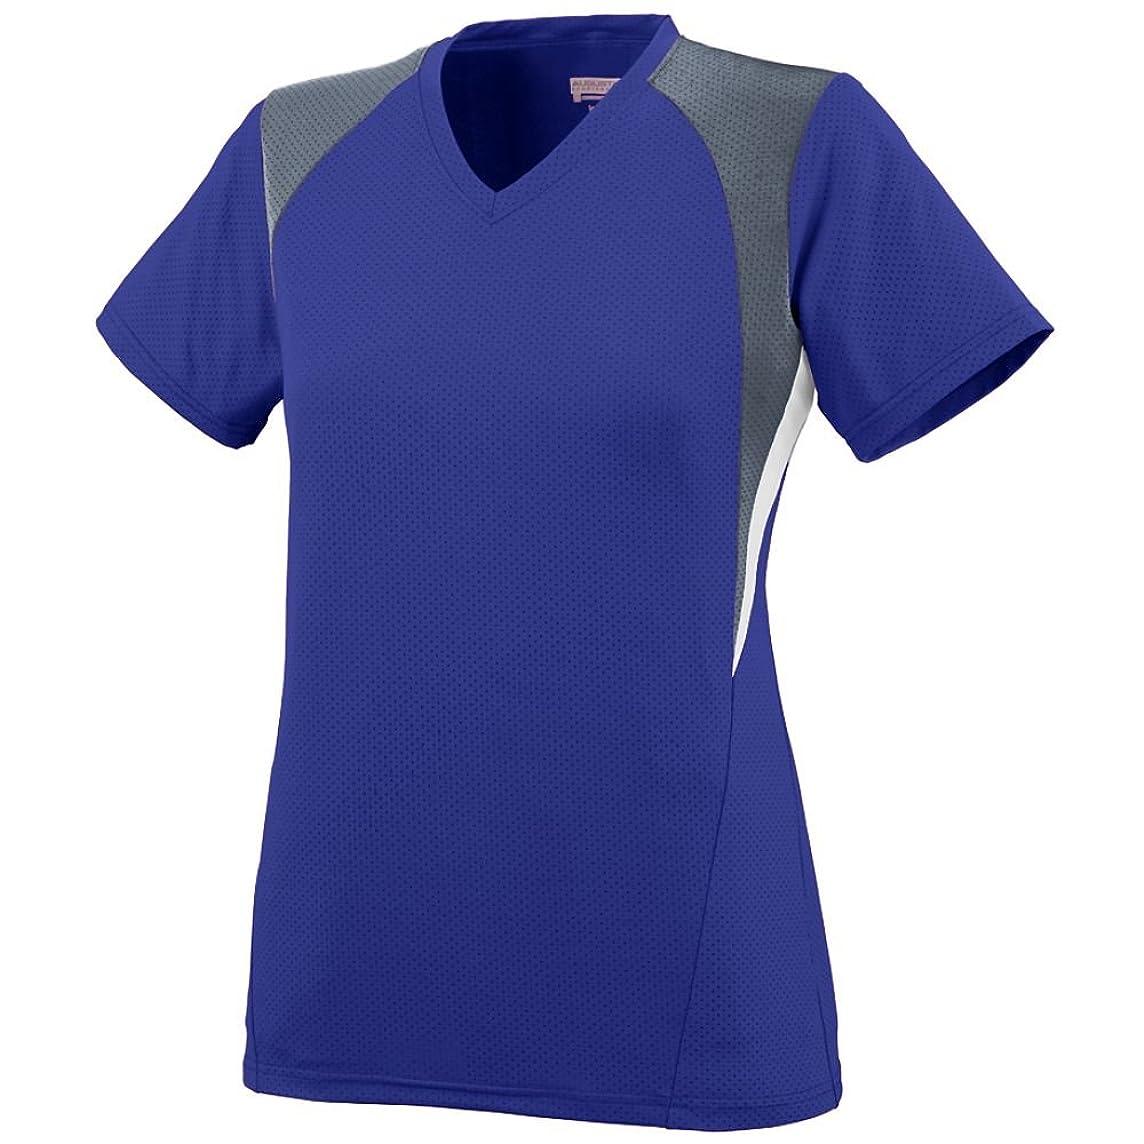 Augusta Sportswear Girls' Mystic Jersey